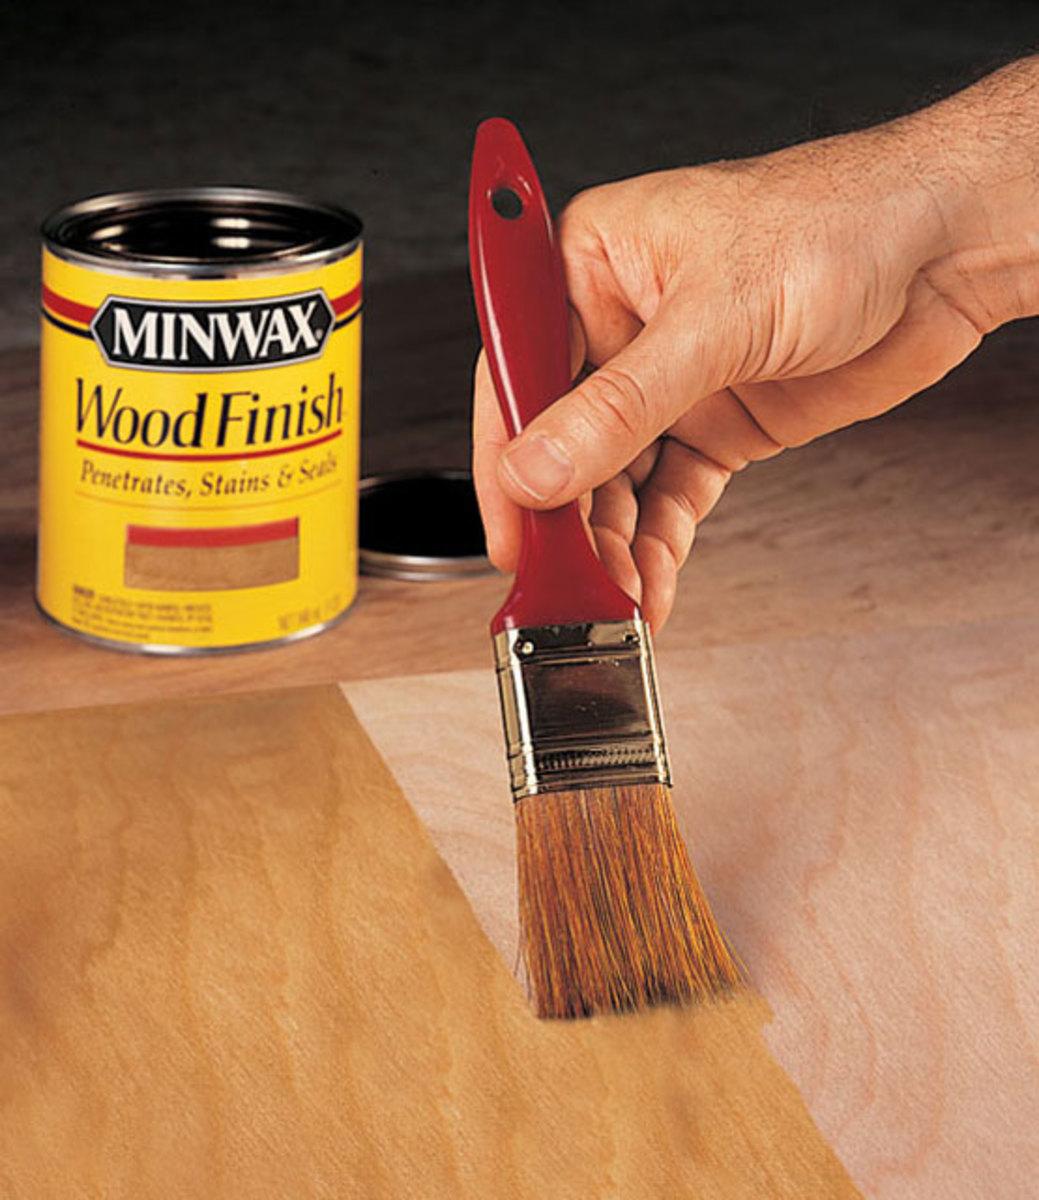 Minwax Company